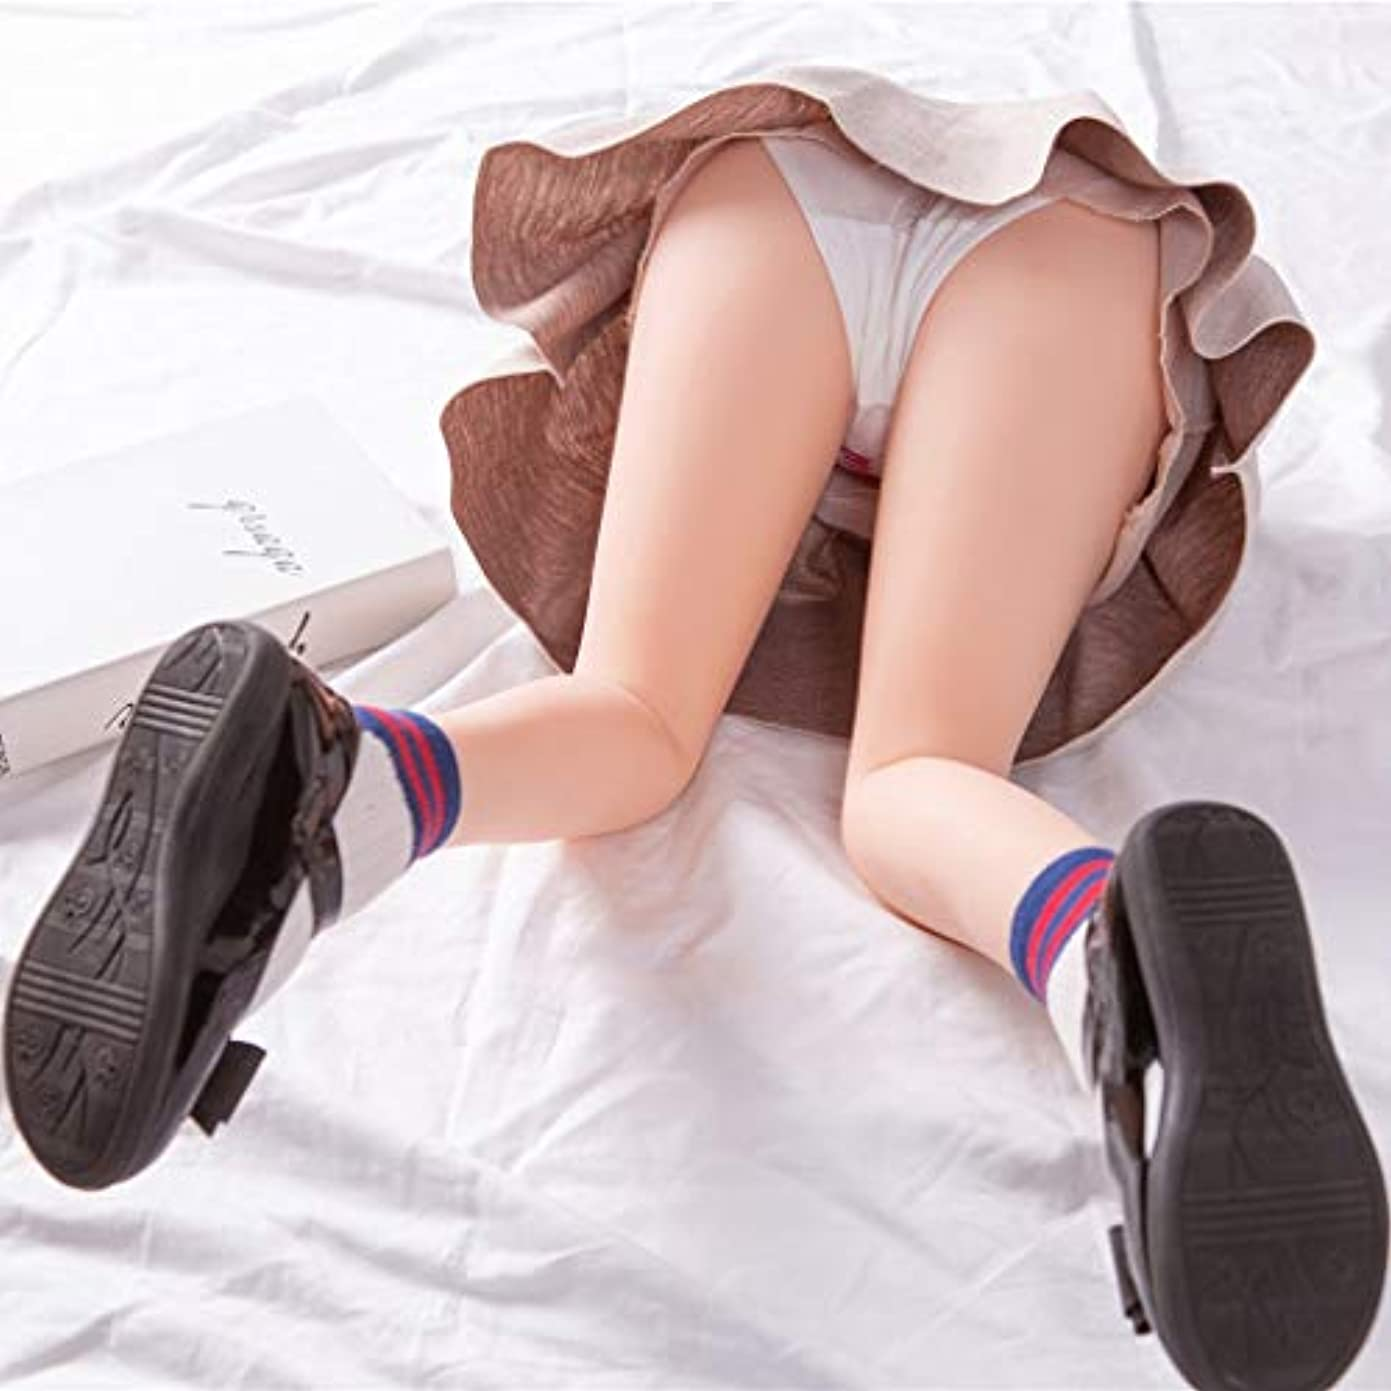 秘書要旨ビュッフェ男性は男性ハンズフリースリーブストローツール用シリコーンリアルタイムスキンポケットP`üššýトルソーを再生するためのフルボディLOVEDõlés、Aadültセックスプレイ (Size : 50cm)